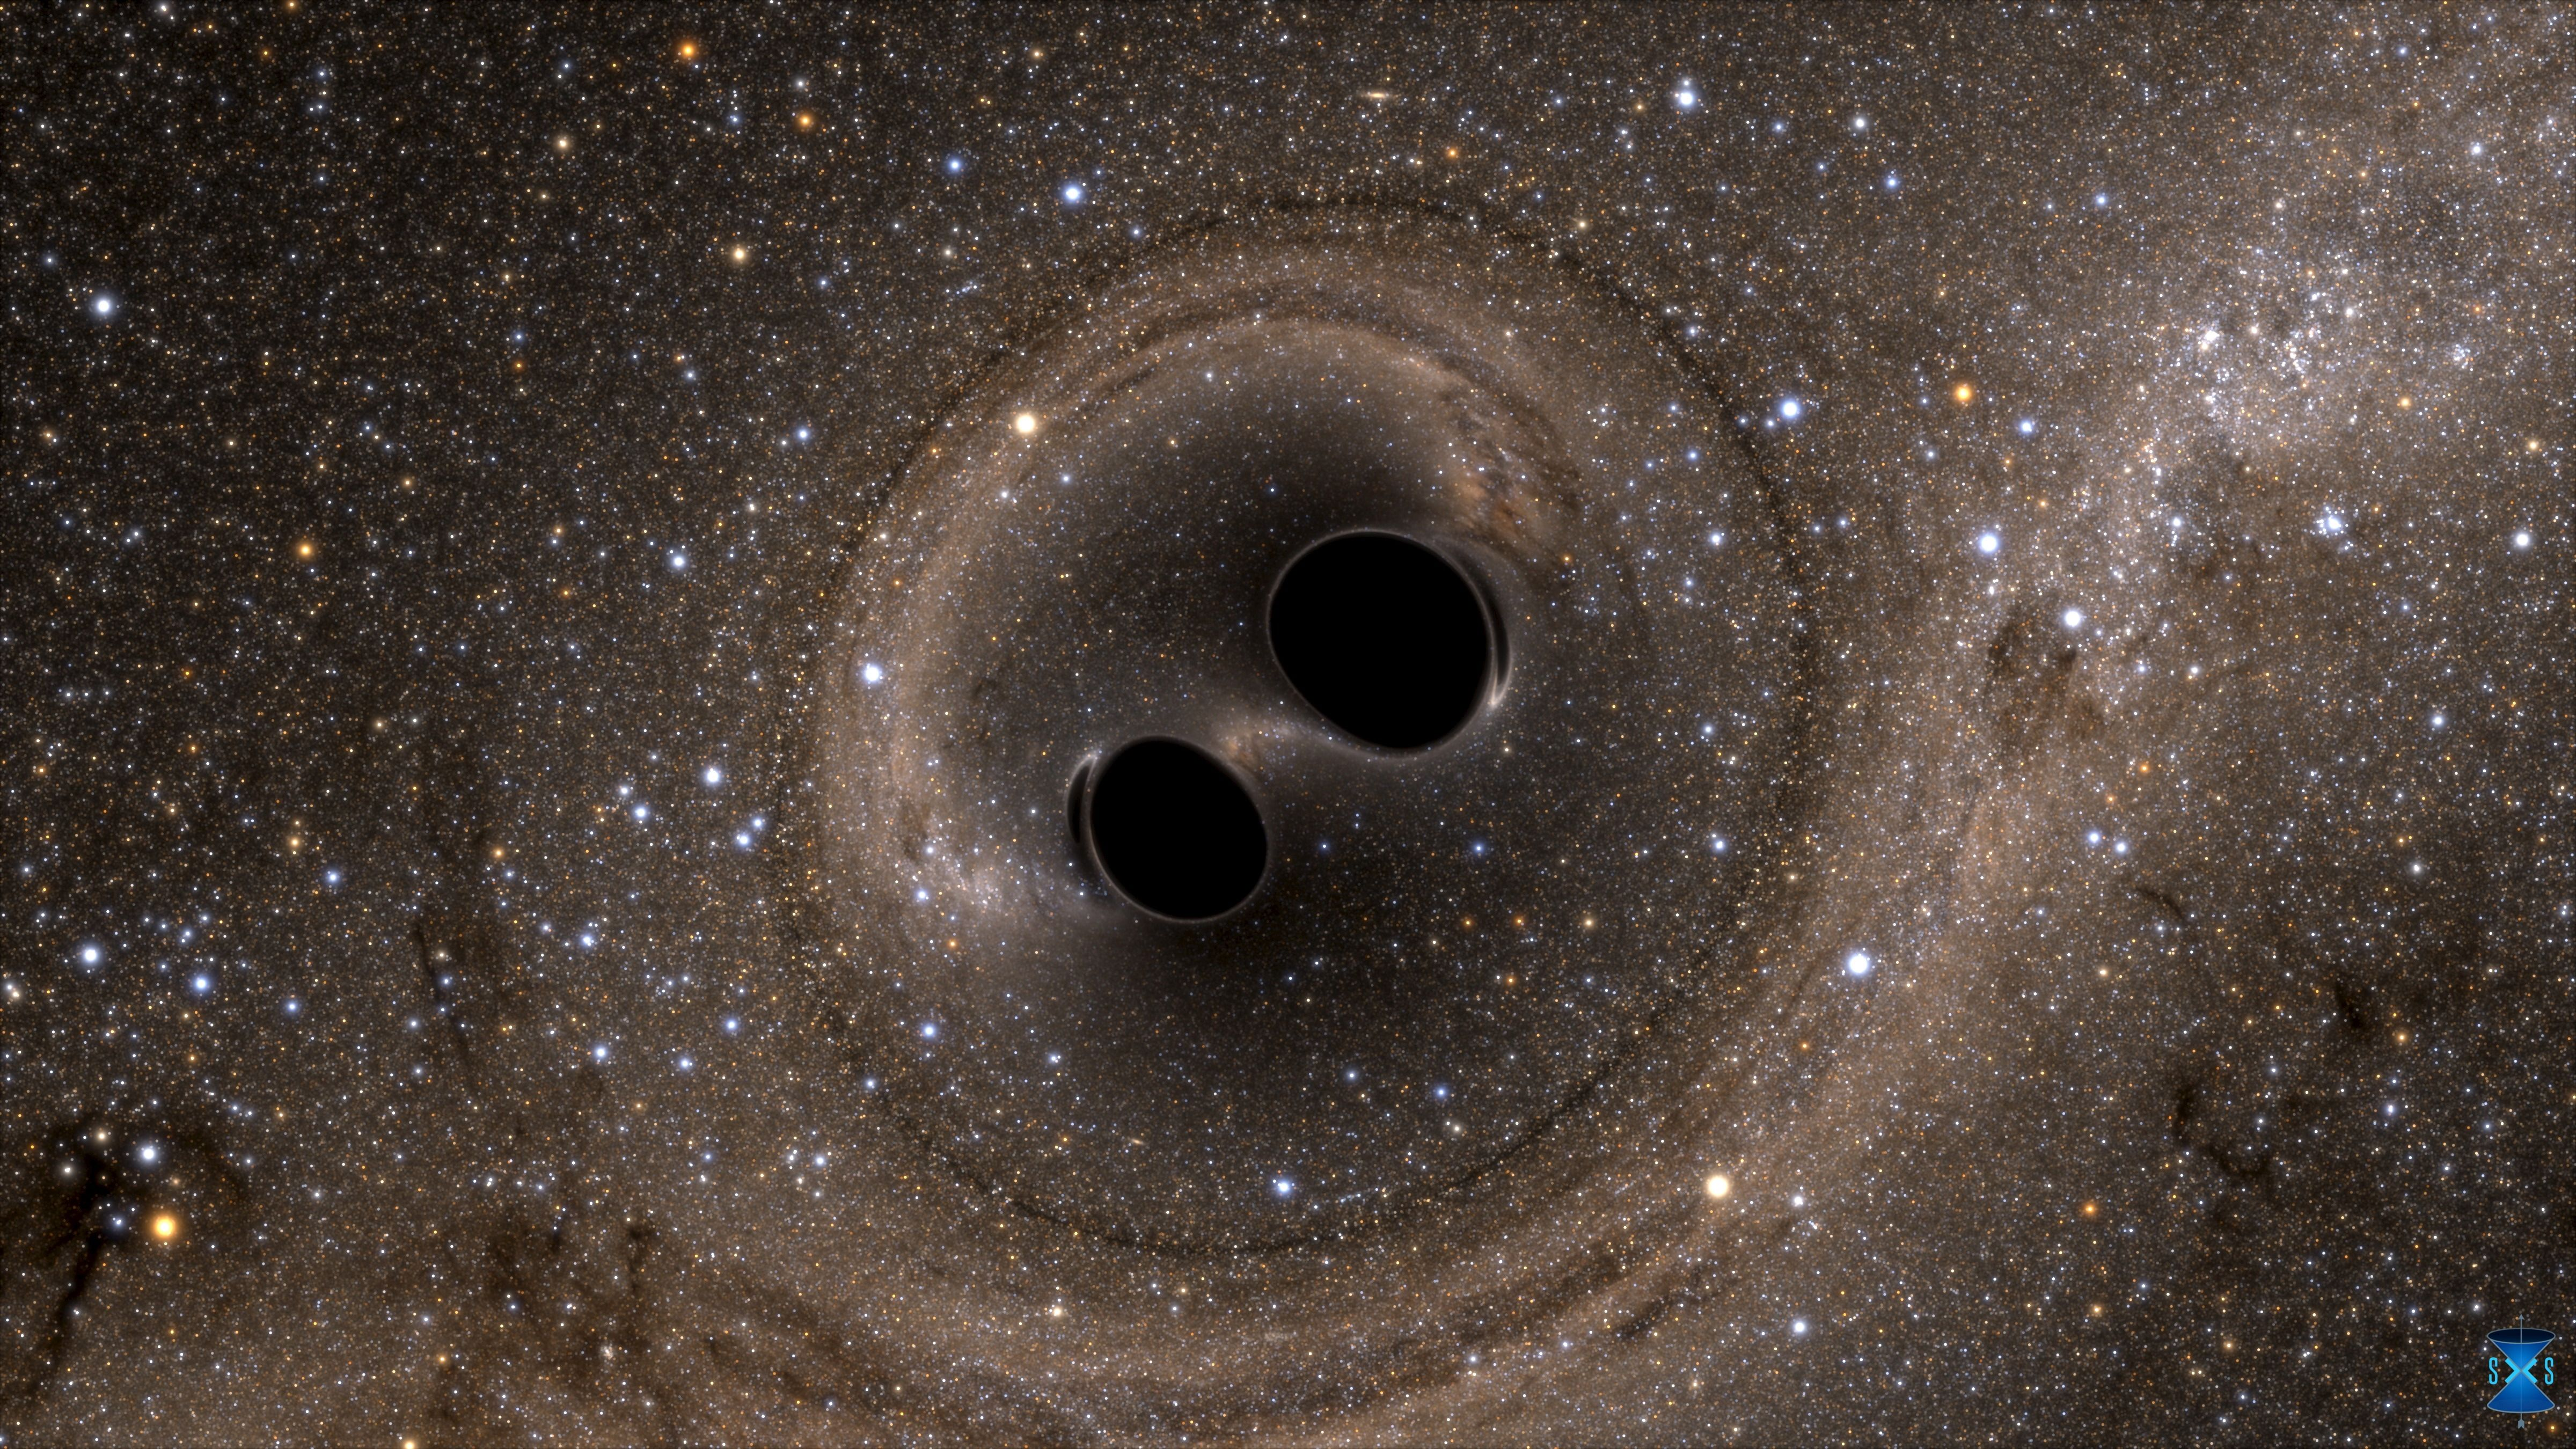 La NASA découvre 12 nouveaux trous noirs au cœur de notre galaxie et voilà ce que ça change